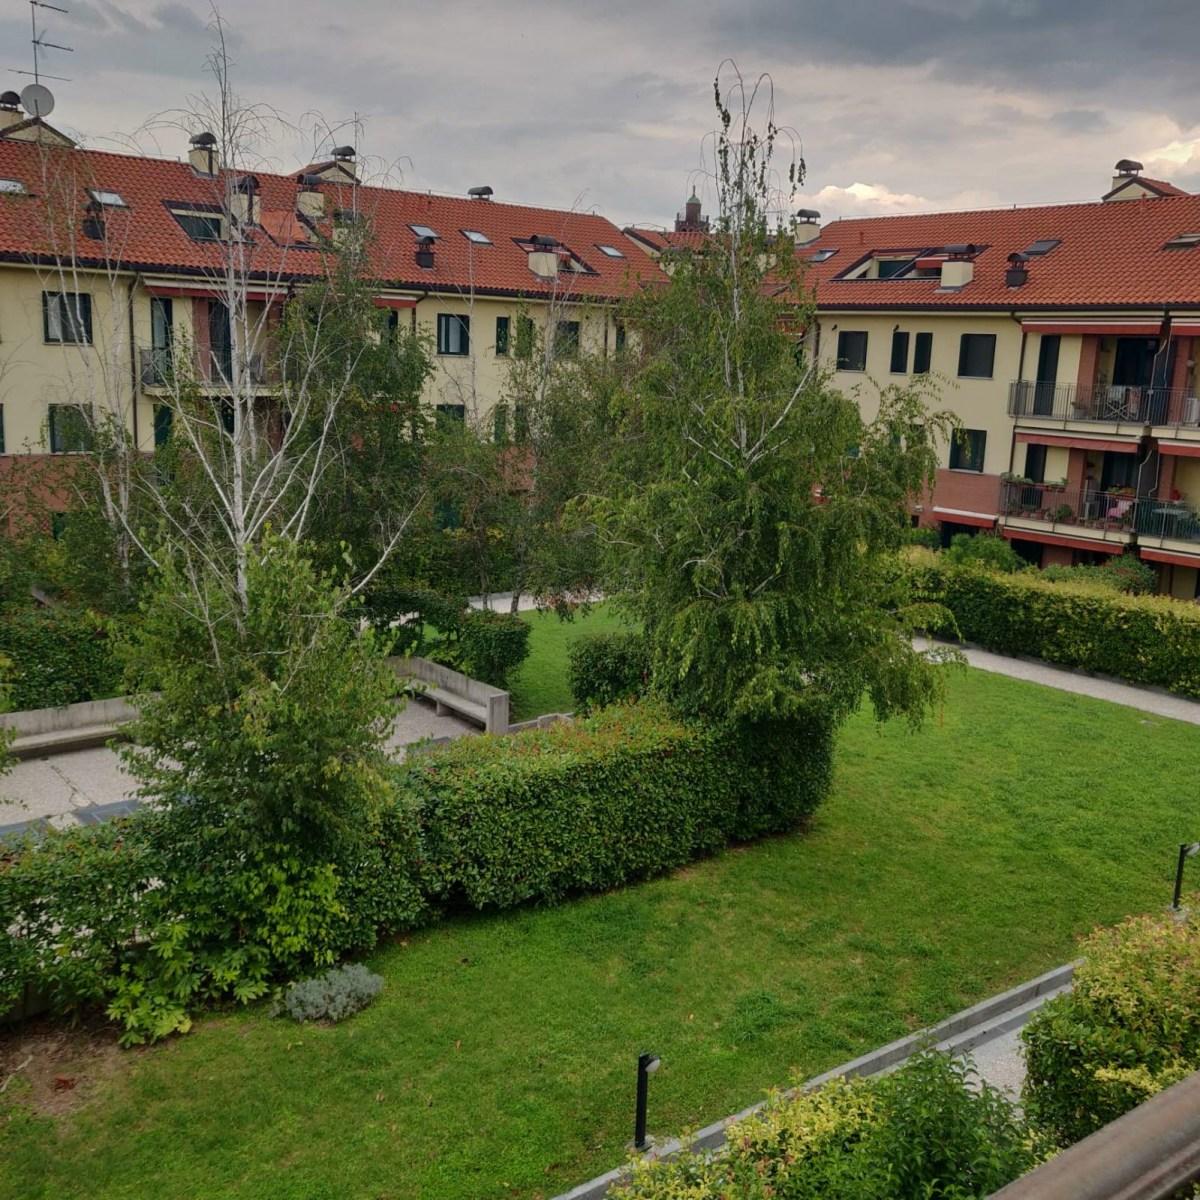 appartamento-in-vendita-milano-muggiano-3-locali-trilocale-spaziourbano-immobiliare-vende-14